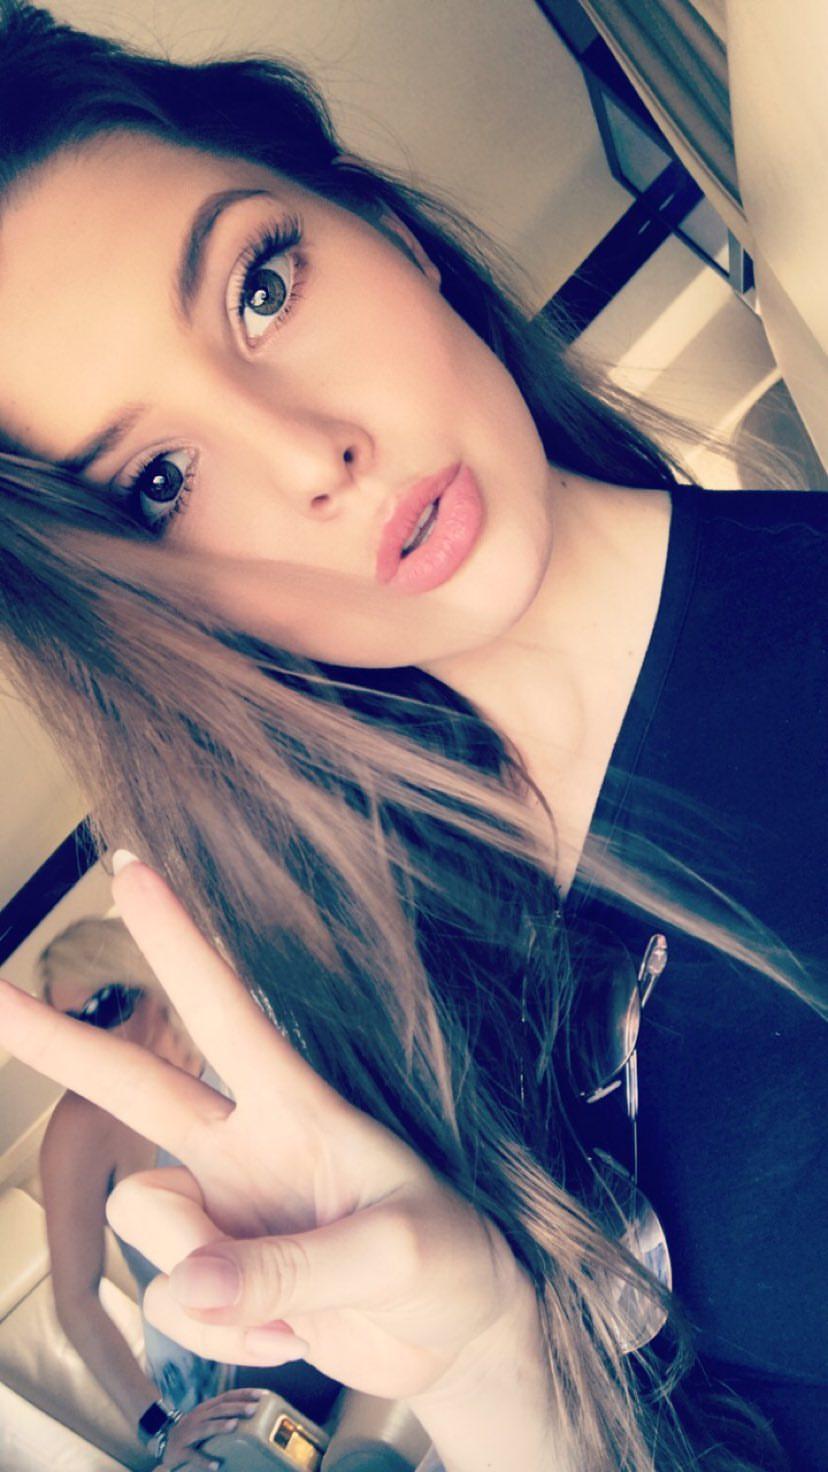 Amanda Cerny Sexy Pictures (43 Pics) - Social Media Girls